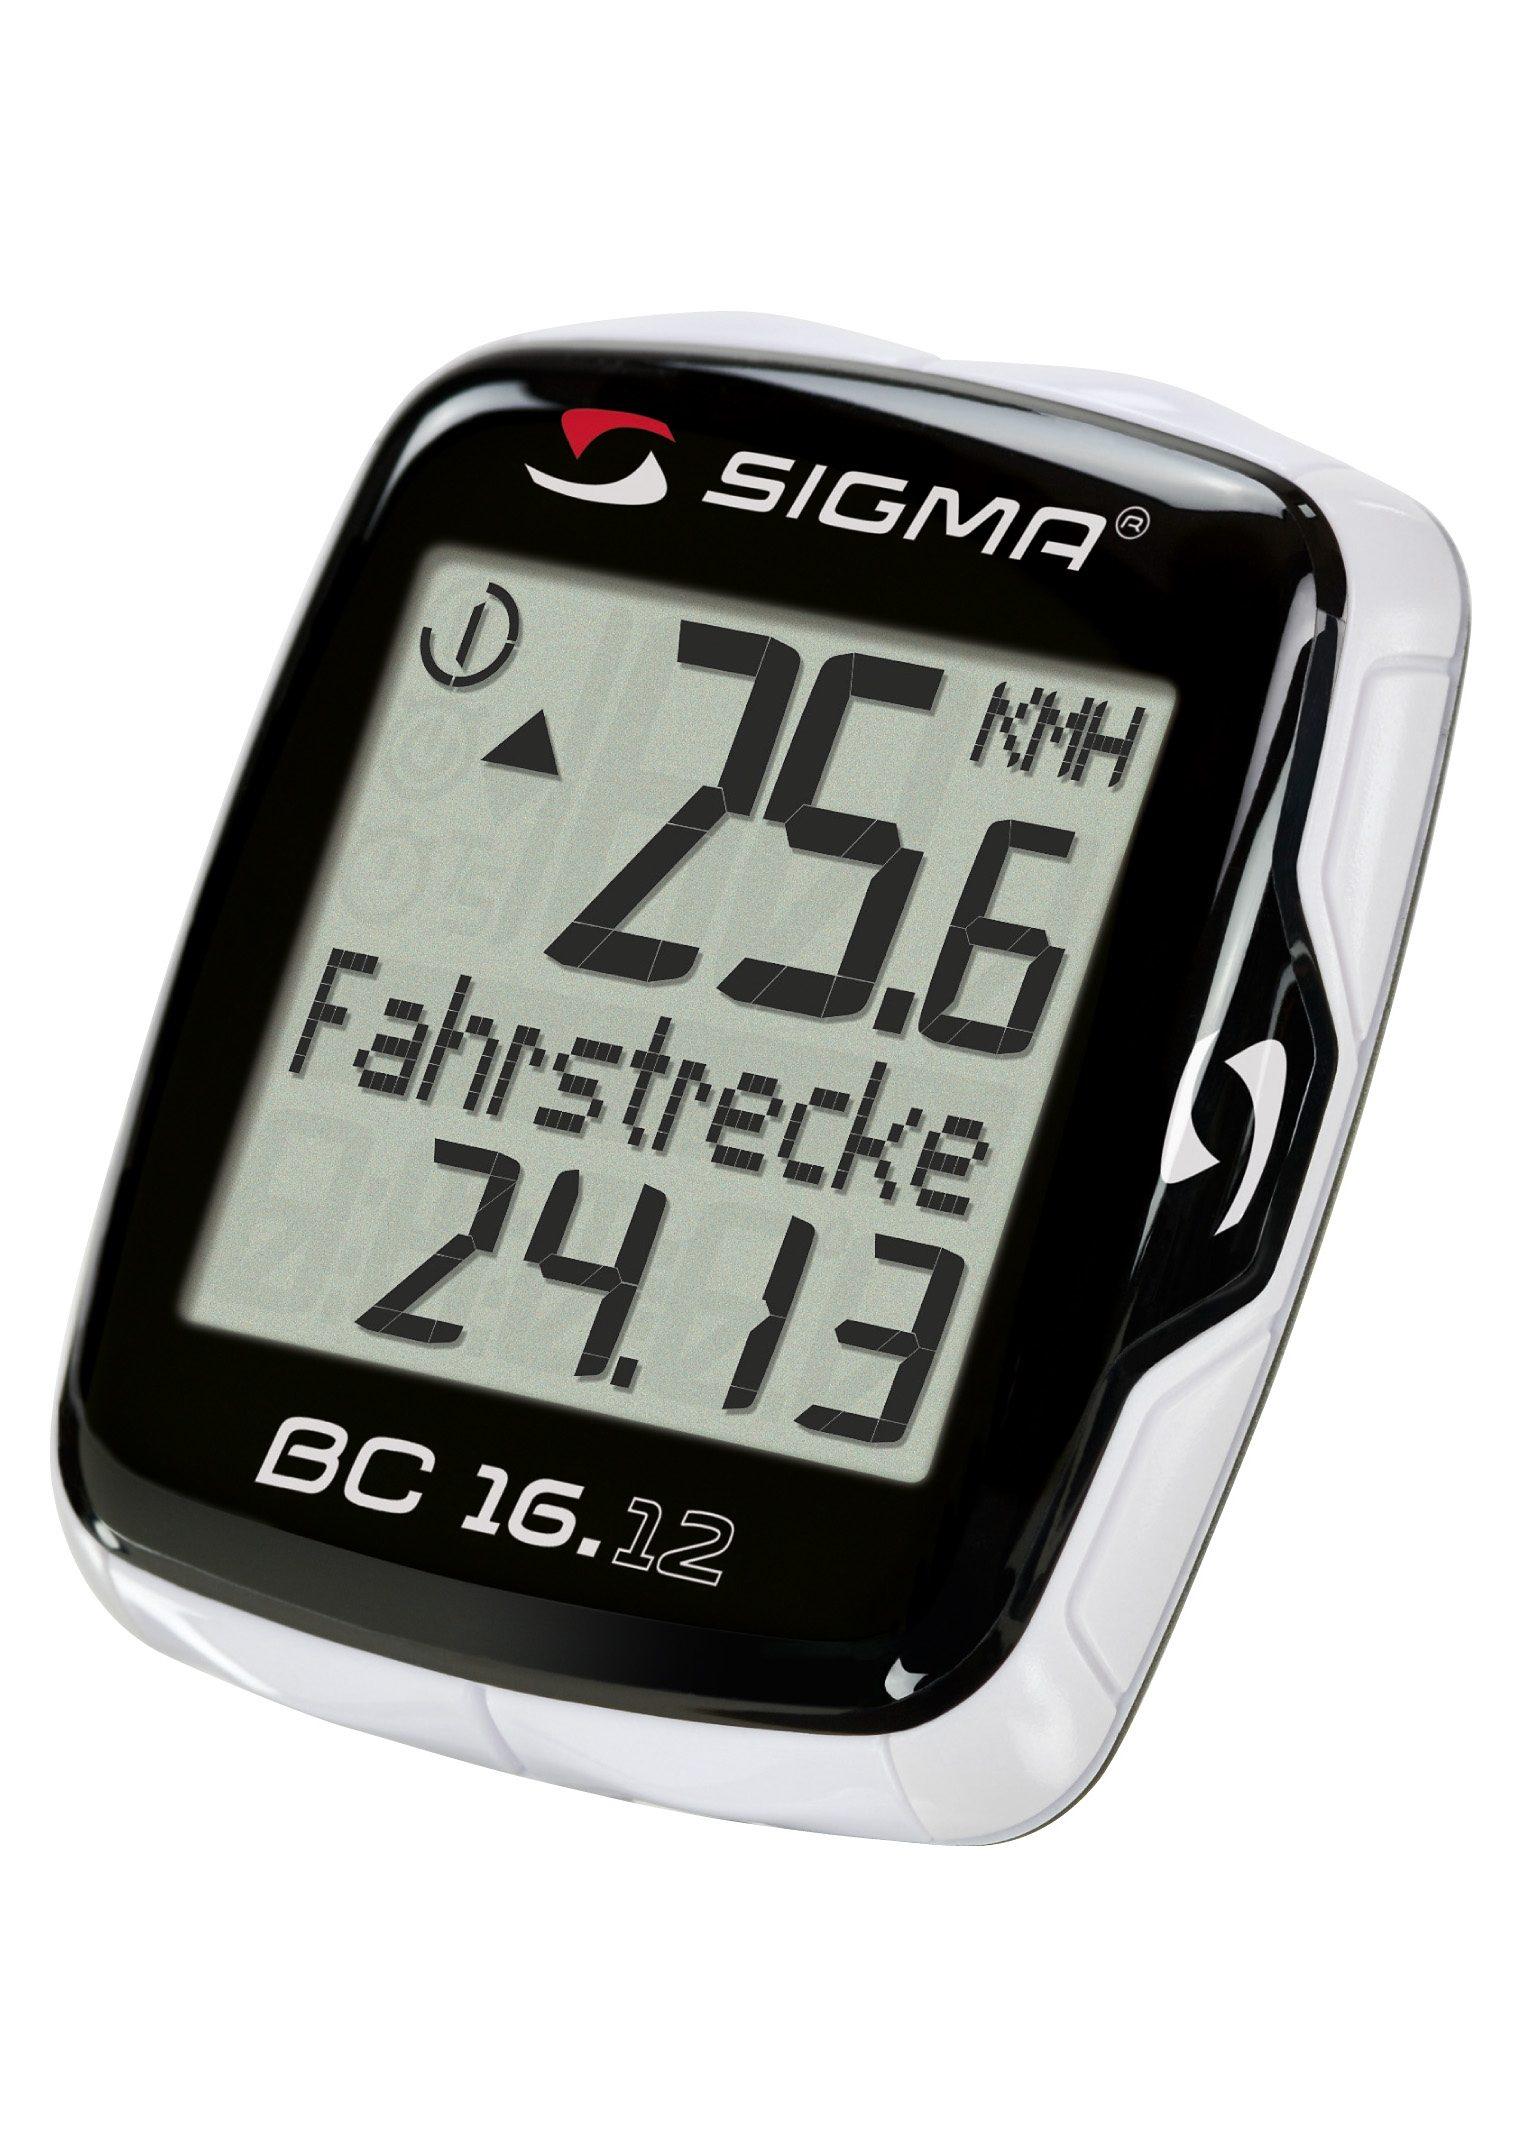 Sigma Sport Fahrradcomputer, kabelgebunden, schwarz, »Topline 2012 BC 16.12«